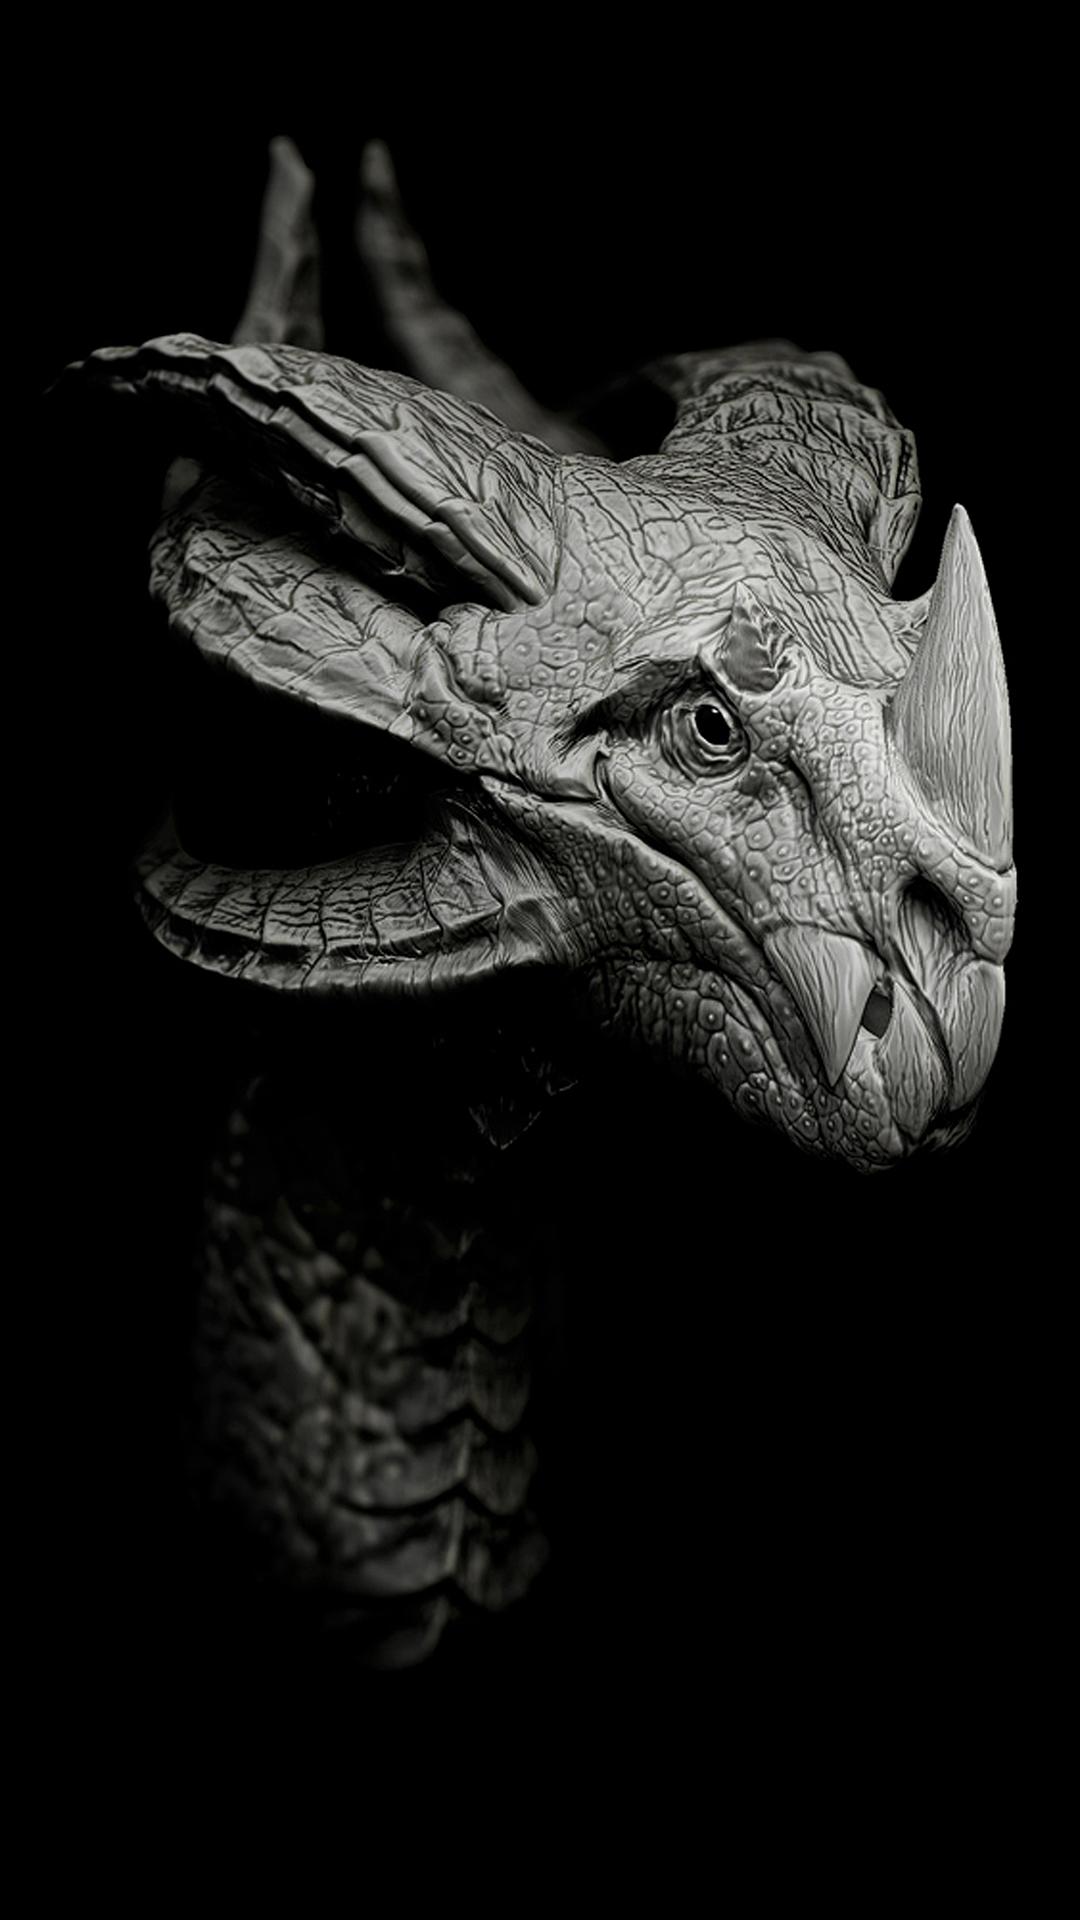 恐龙动物黑白龙角苹果手机高清壁纸1080x1920 爱思助手